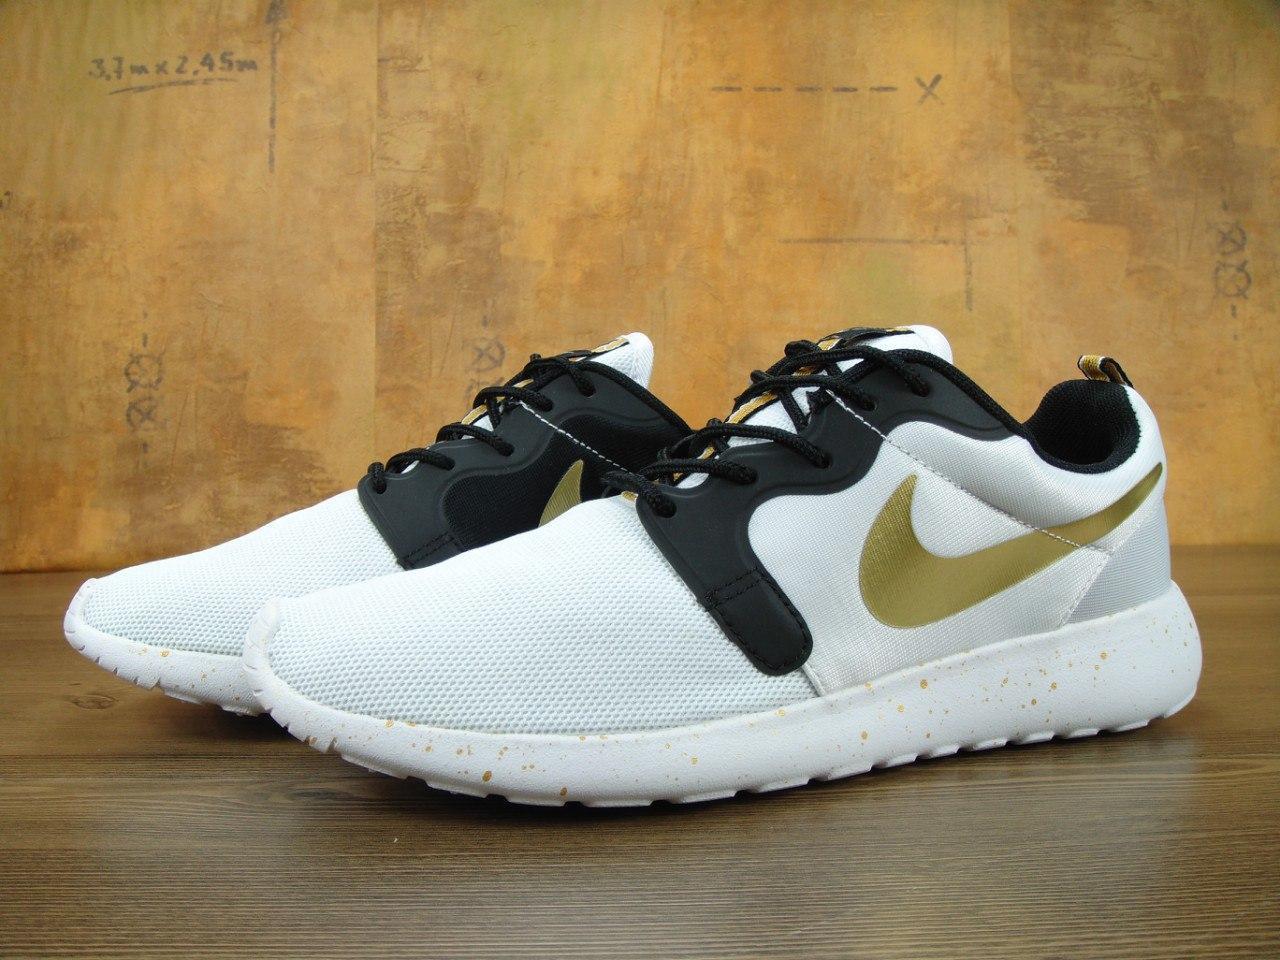 c5b8d3b3 Мужские Кроссовки Nike Roshe Run, Найк рош ран (реплика) - Интернет Магазин